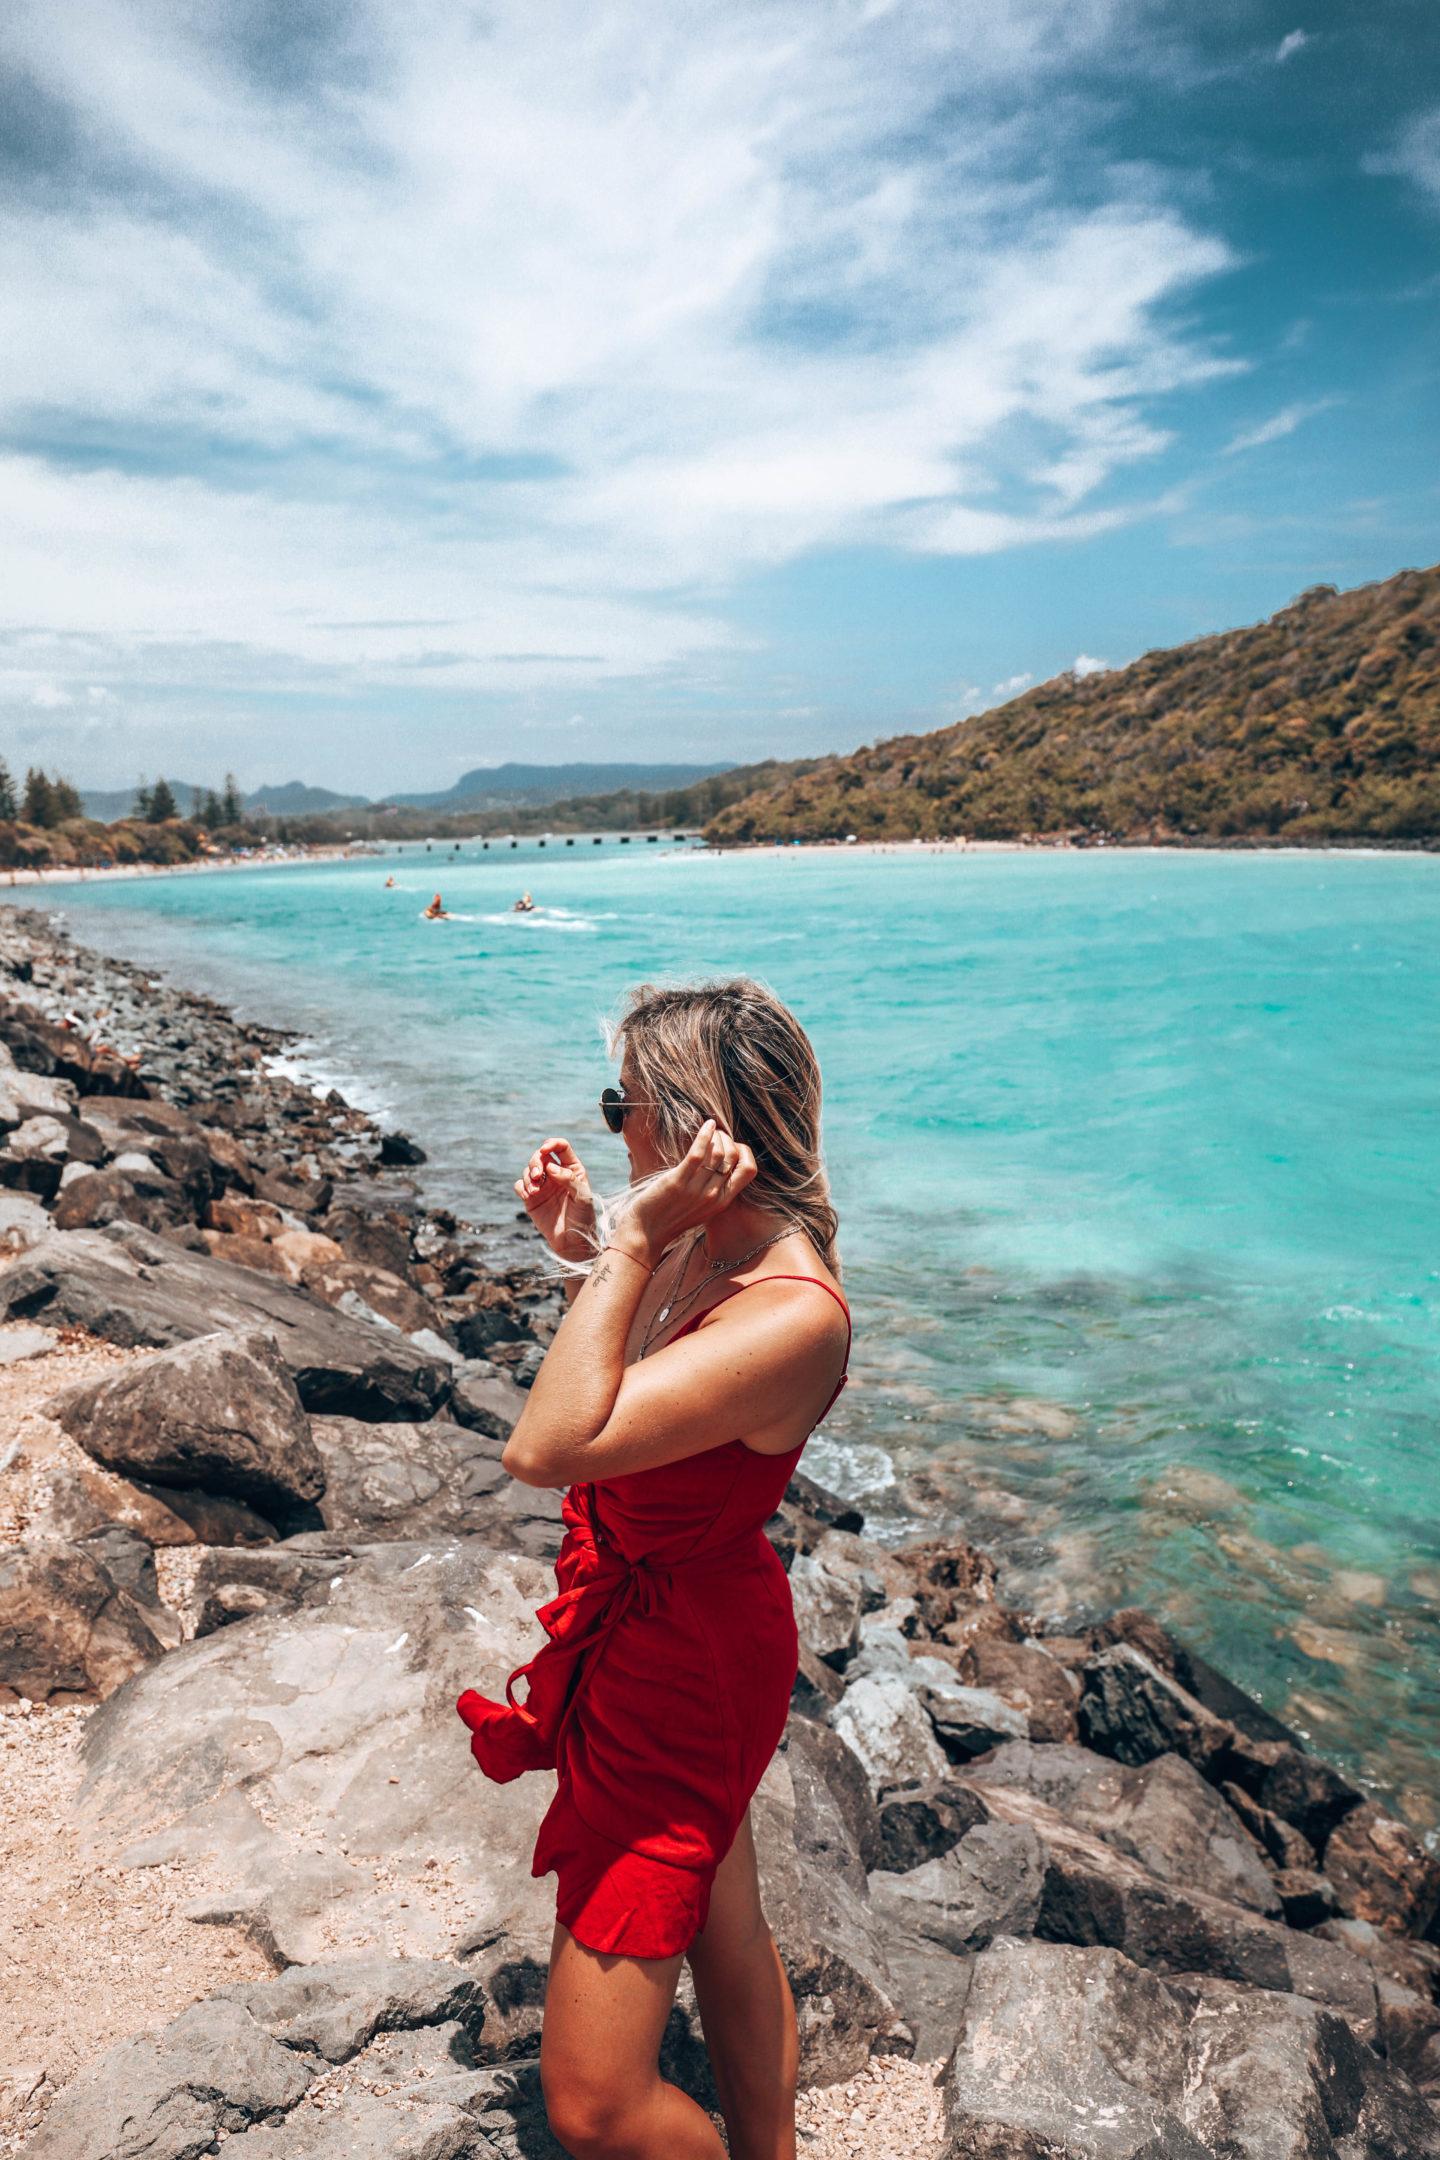 Tallebudgera Creek Gold Coast - Blondie Baby blog mode et voyages